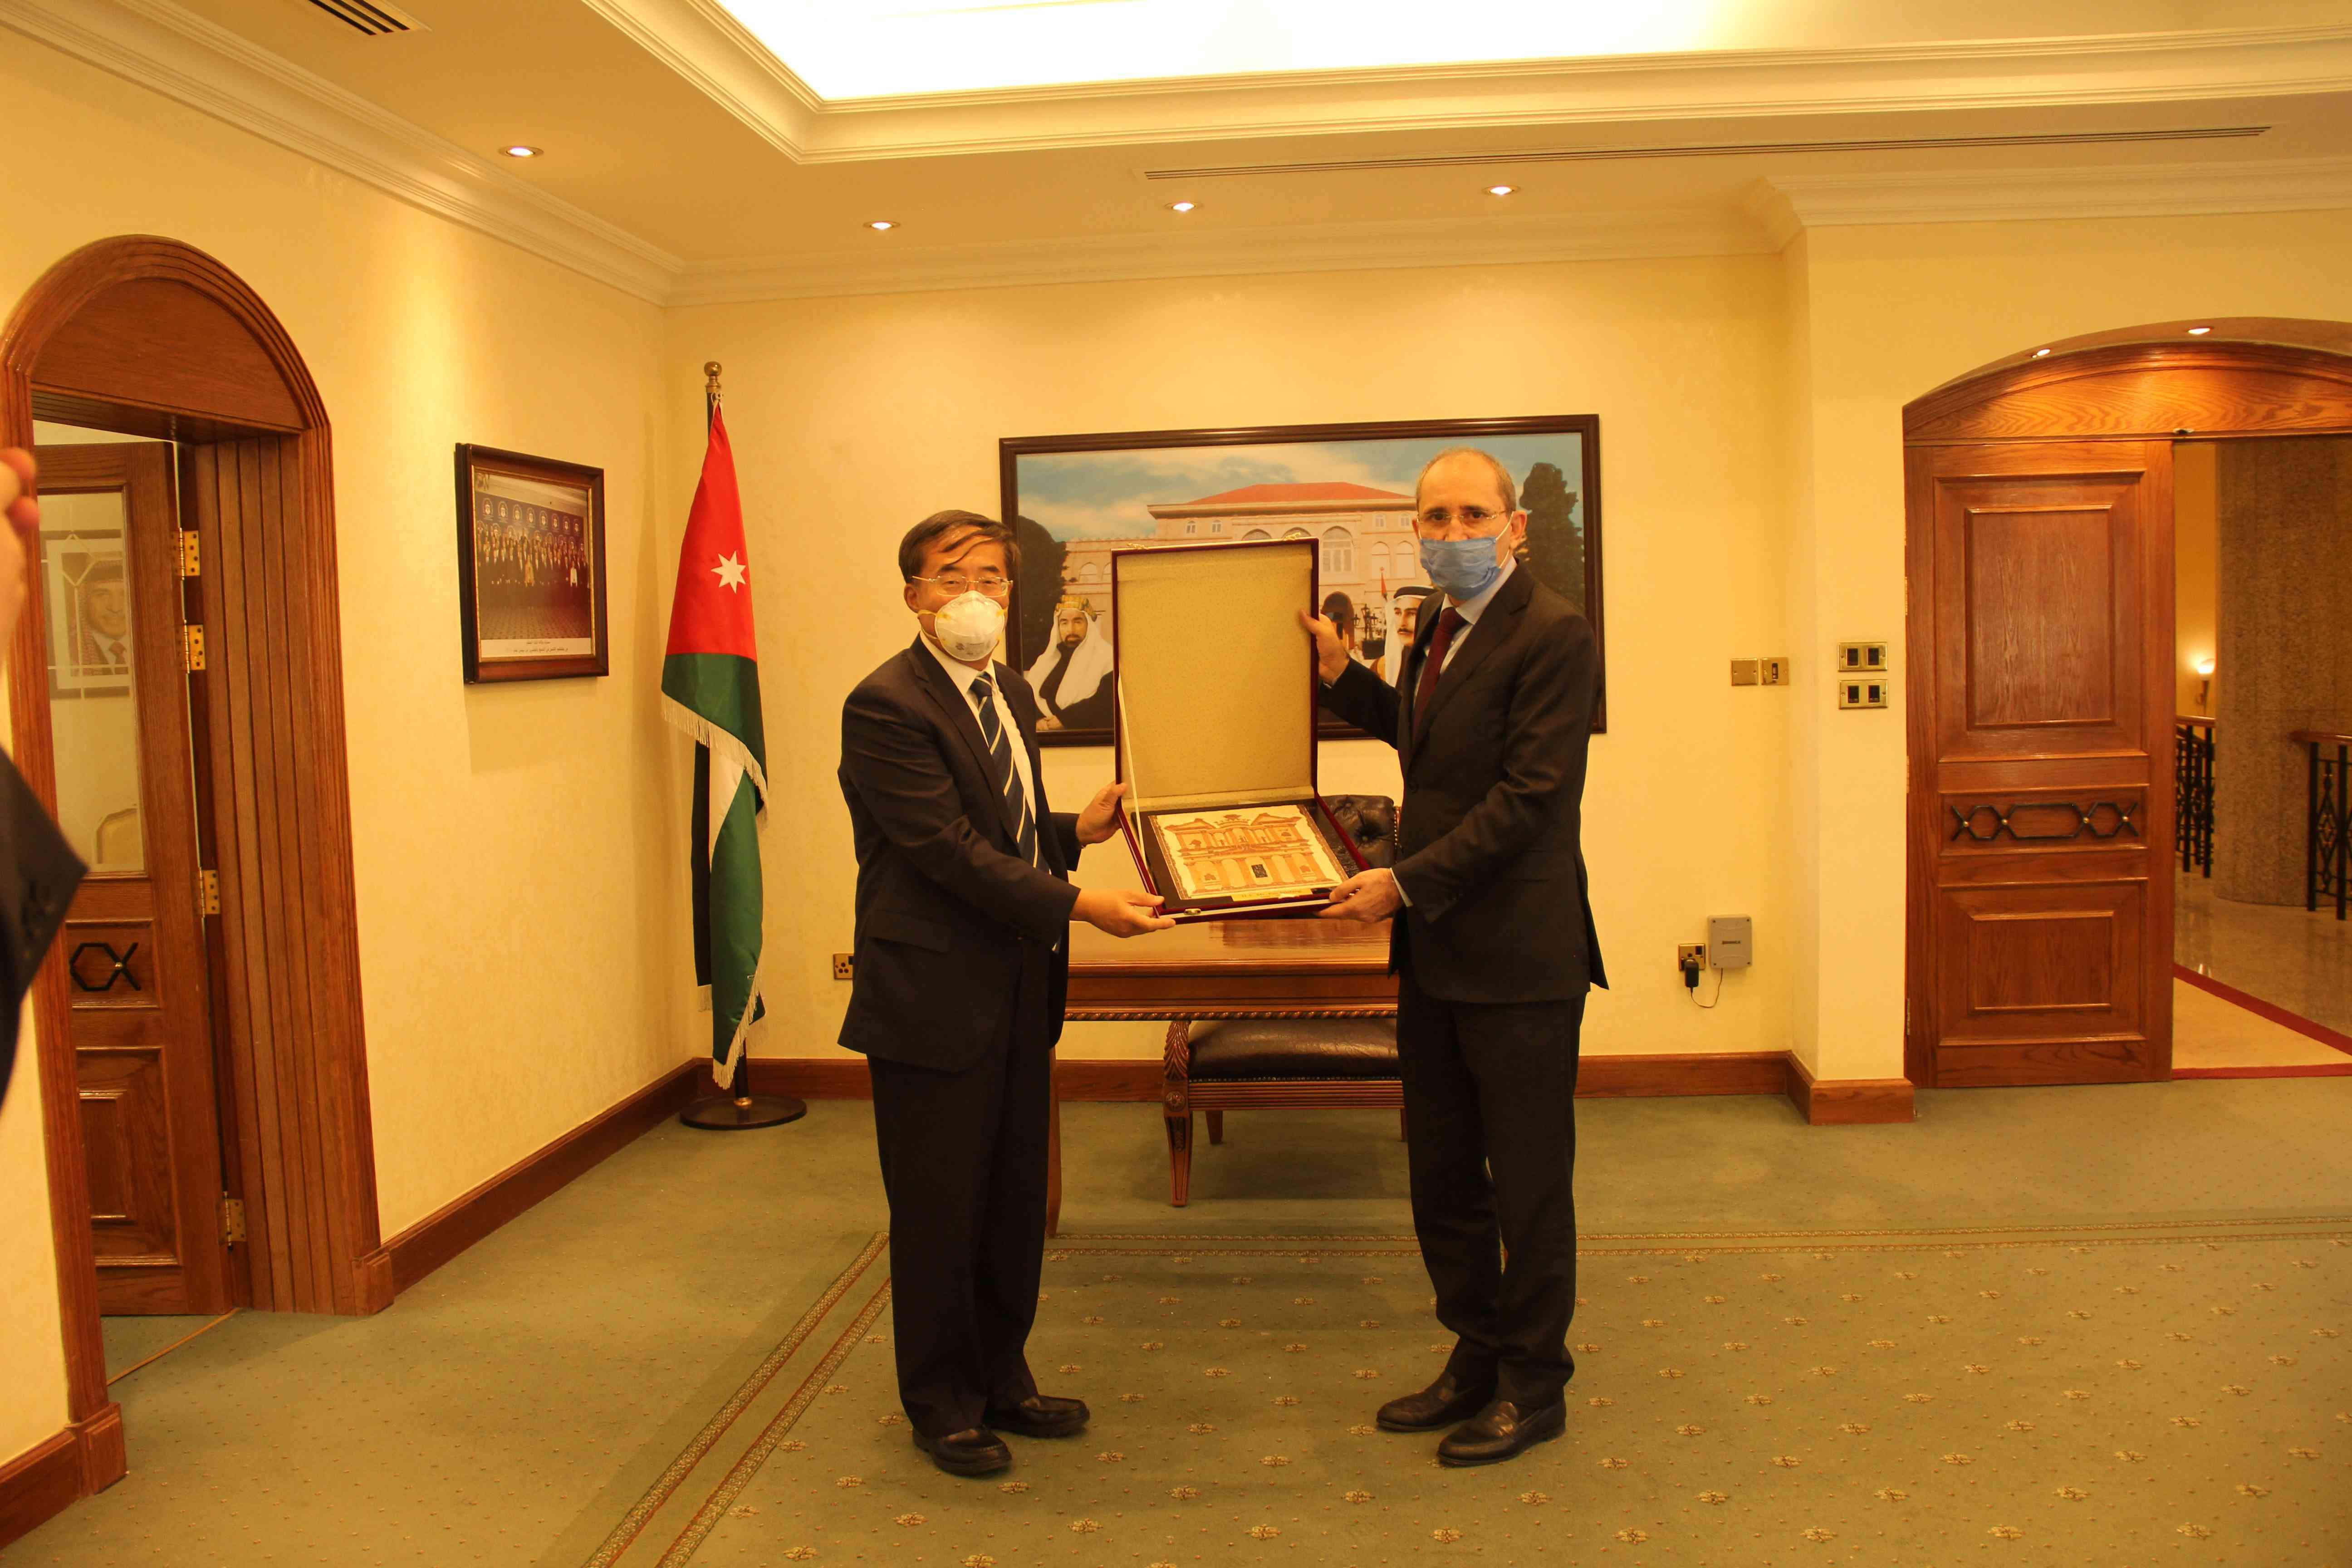 潘伟芳即将卸任中国驻约旦大使一职